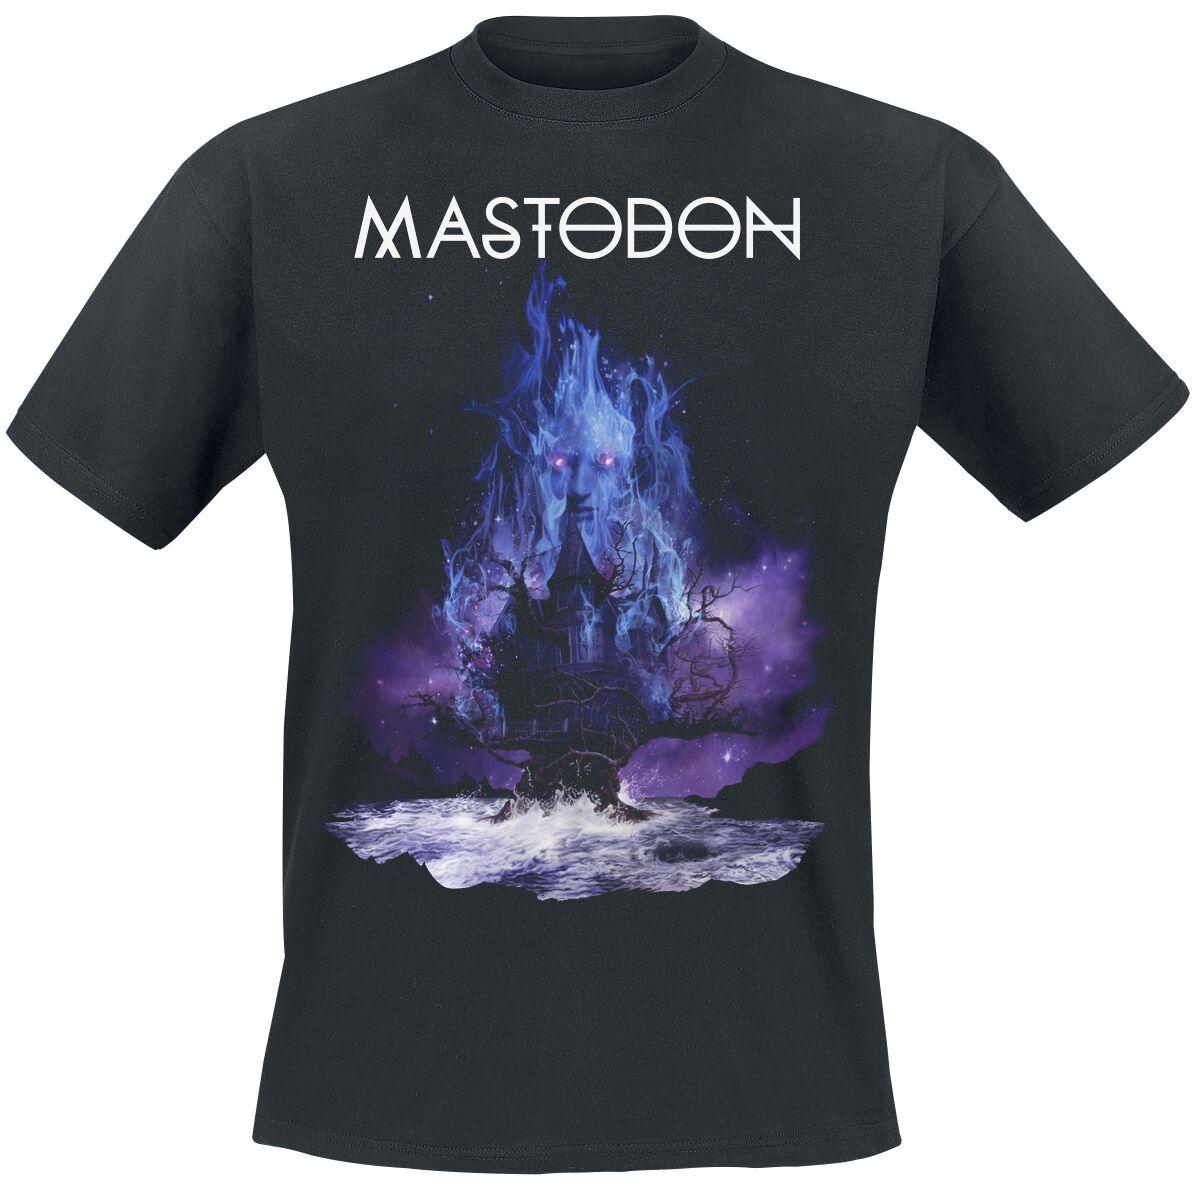 Zespoły - Koszulki - T-Shirt Mastodon Diamond In The Witch House T-Shirt czarny - 351473